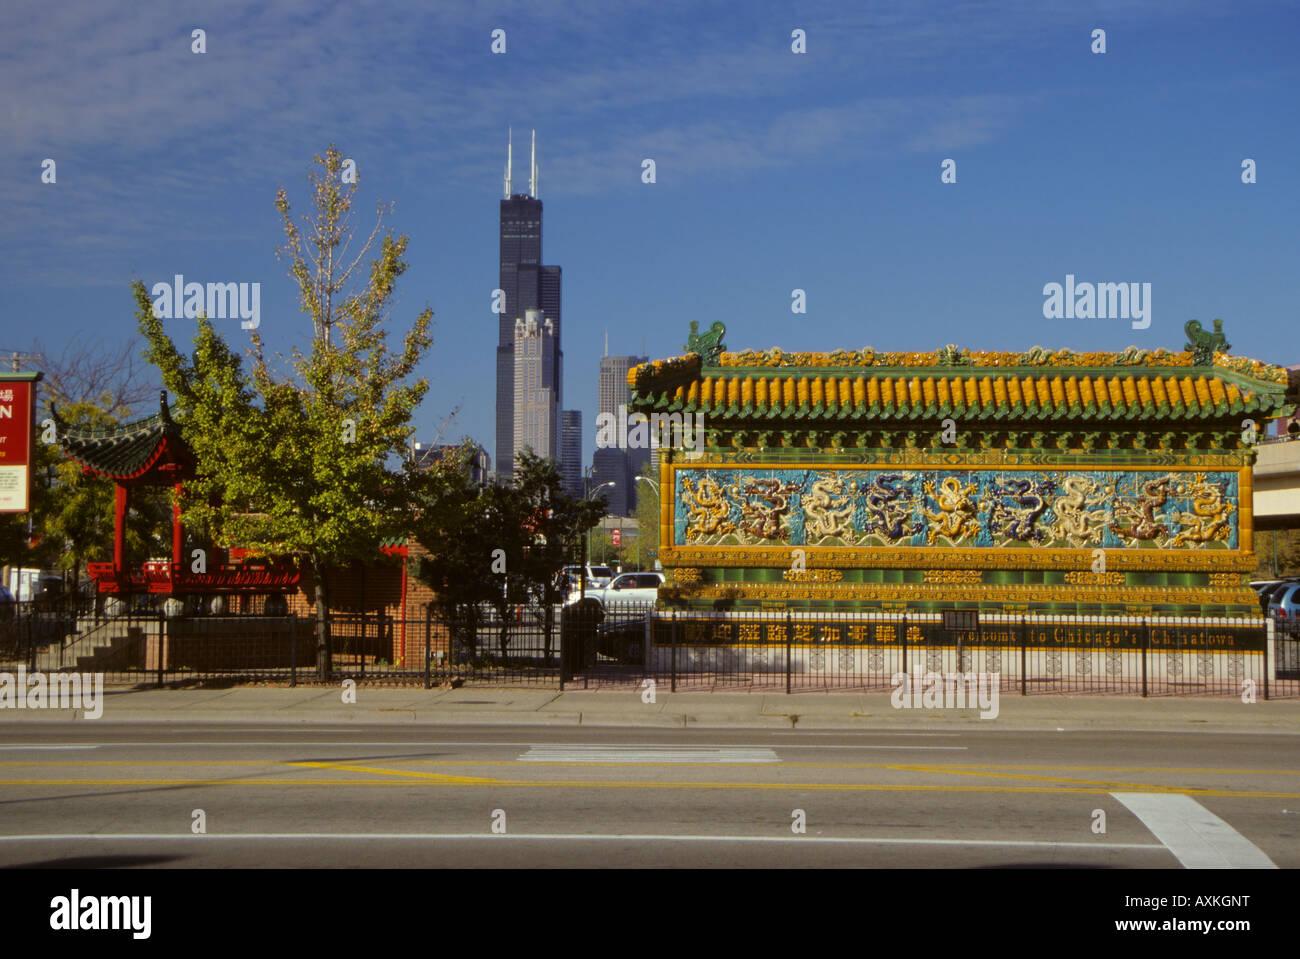 Chicago, Illinois, USA Chinatown Willkommen, Cermak Straße, dem Sears Tower (Willis Tower) im Hintergrund. Stockbild